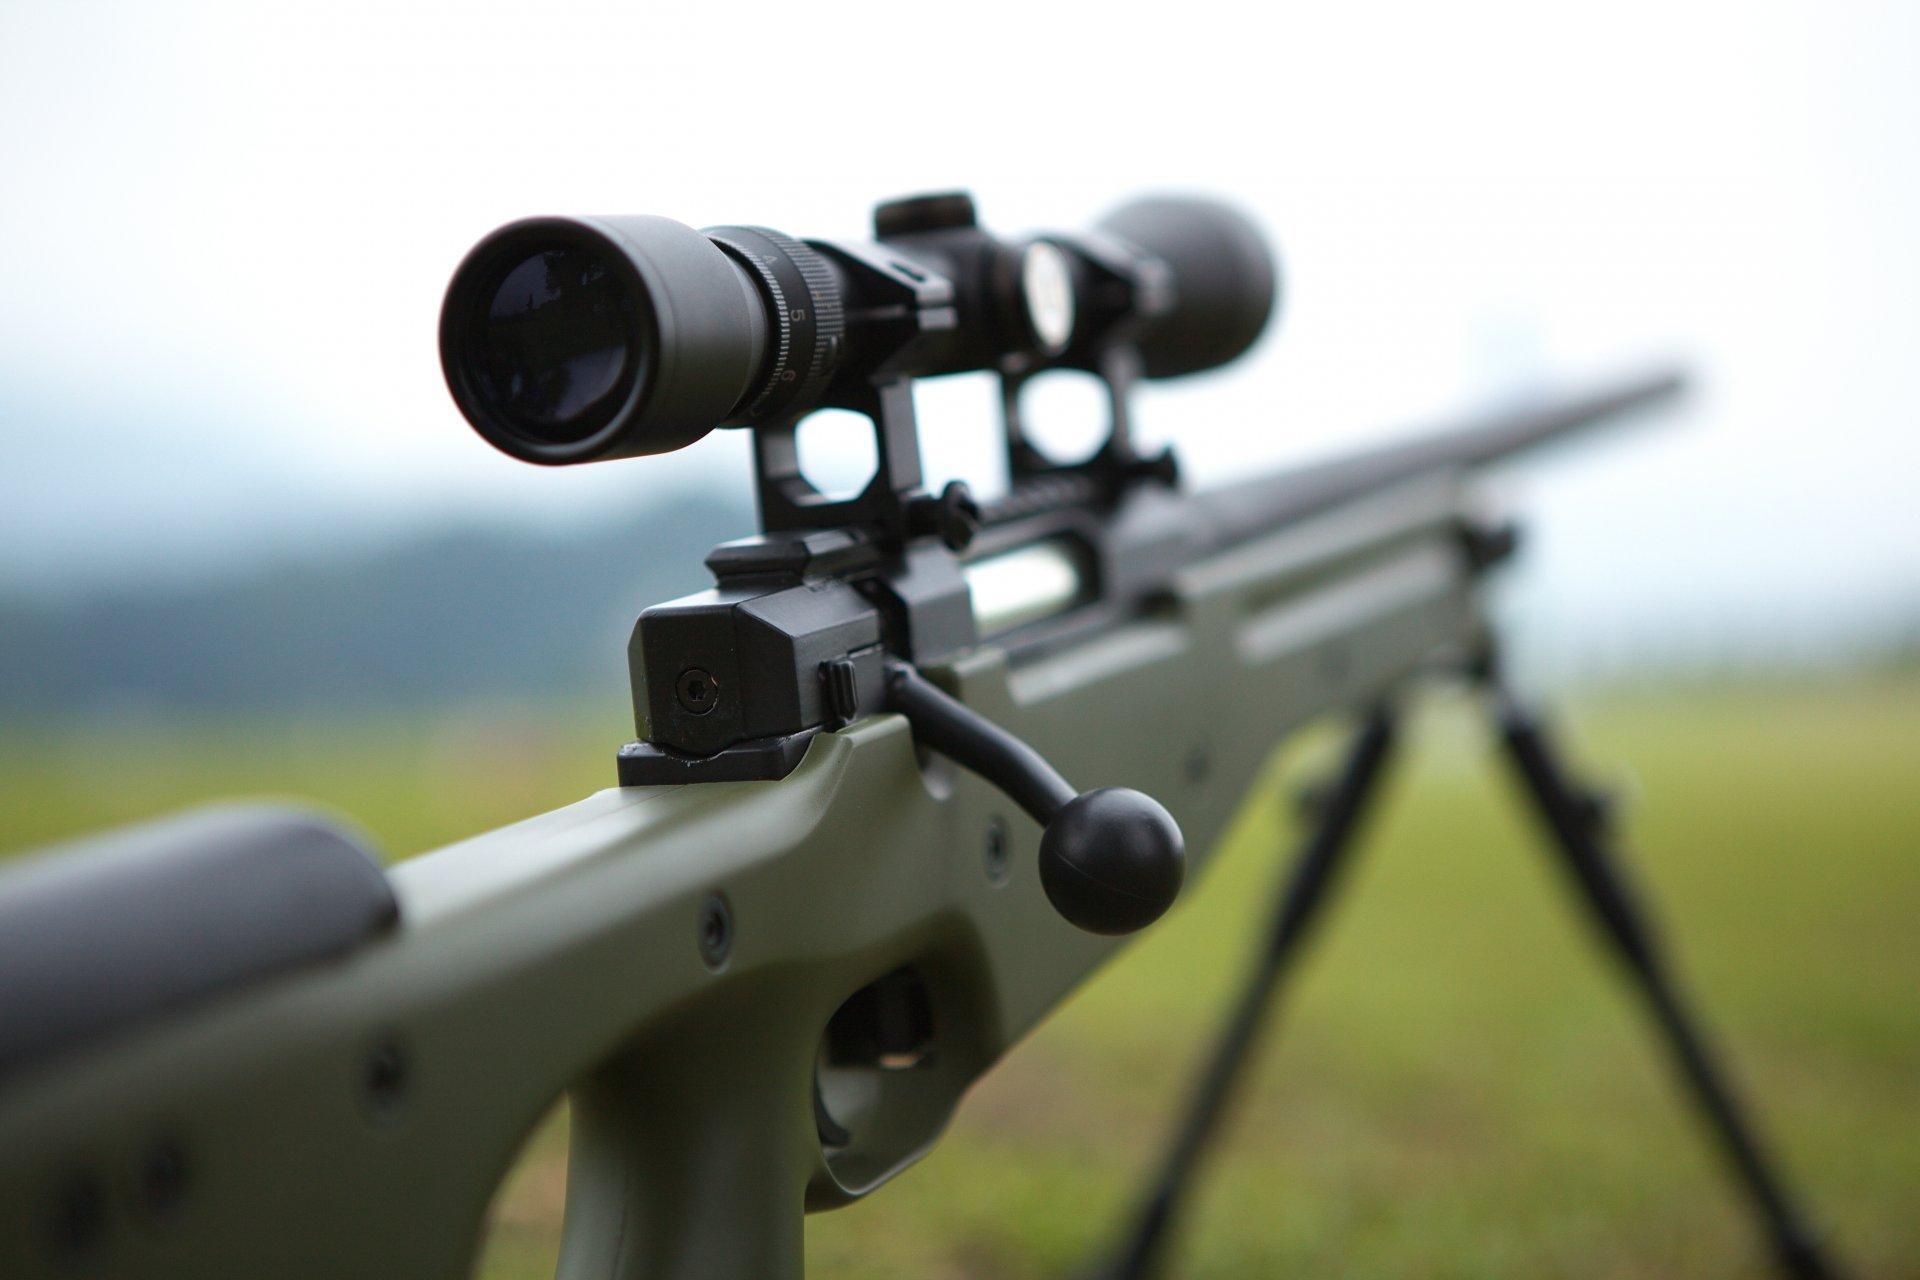 magnum sniper awp - HD1920×1280